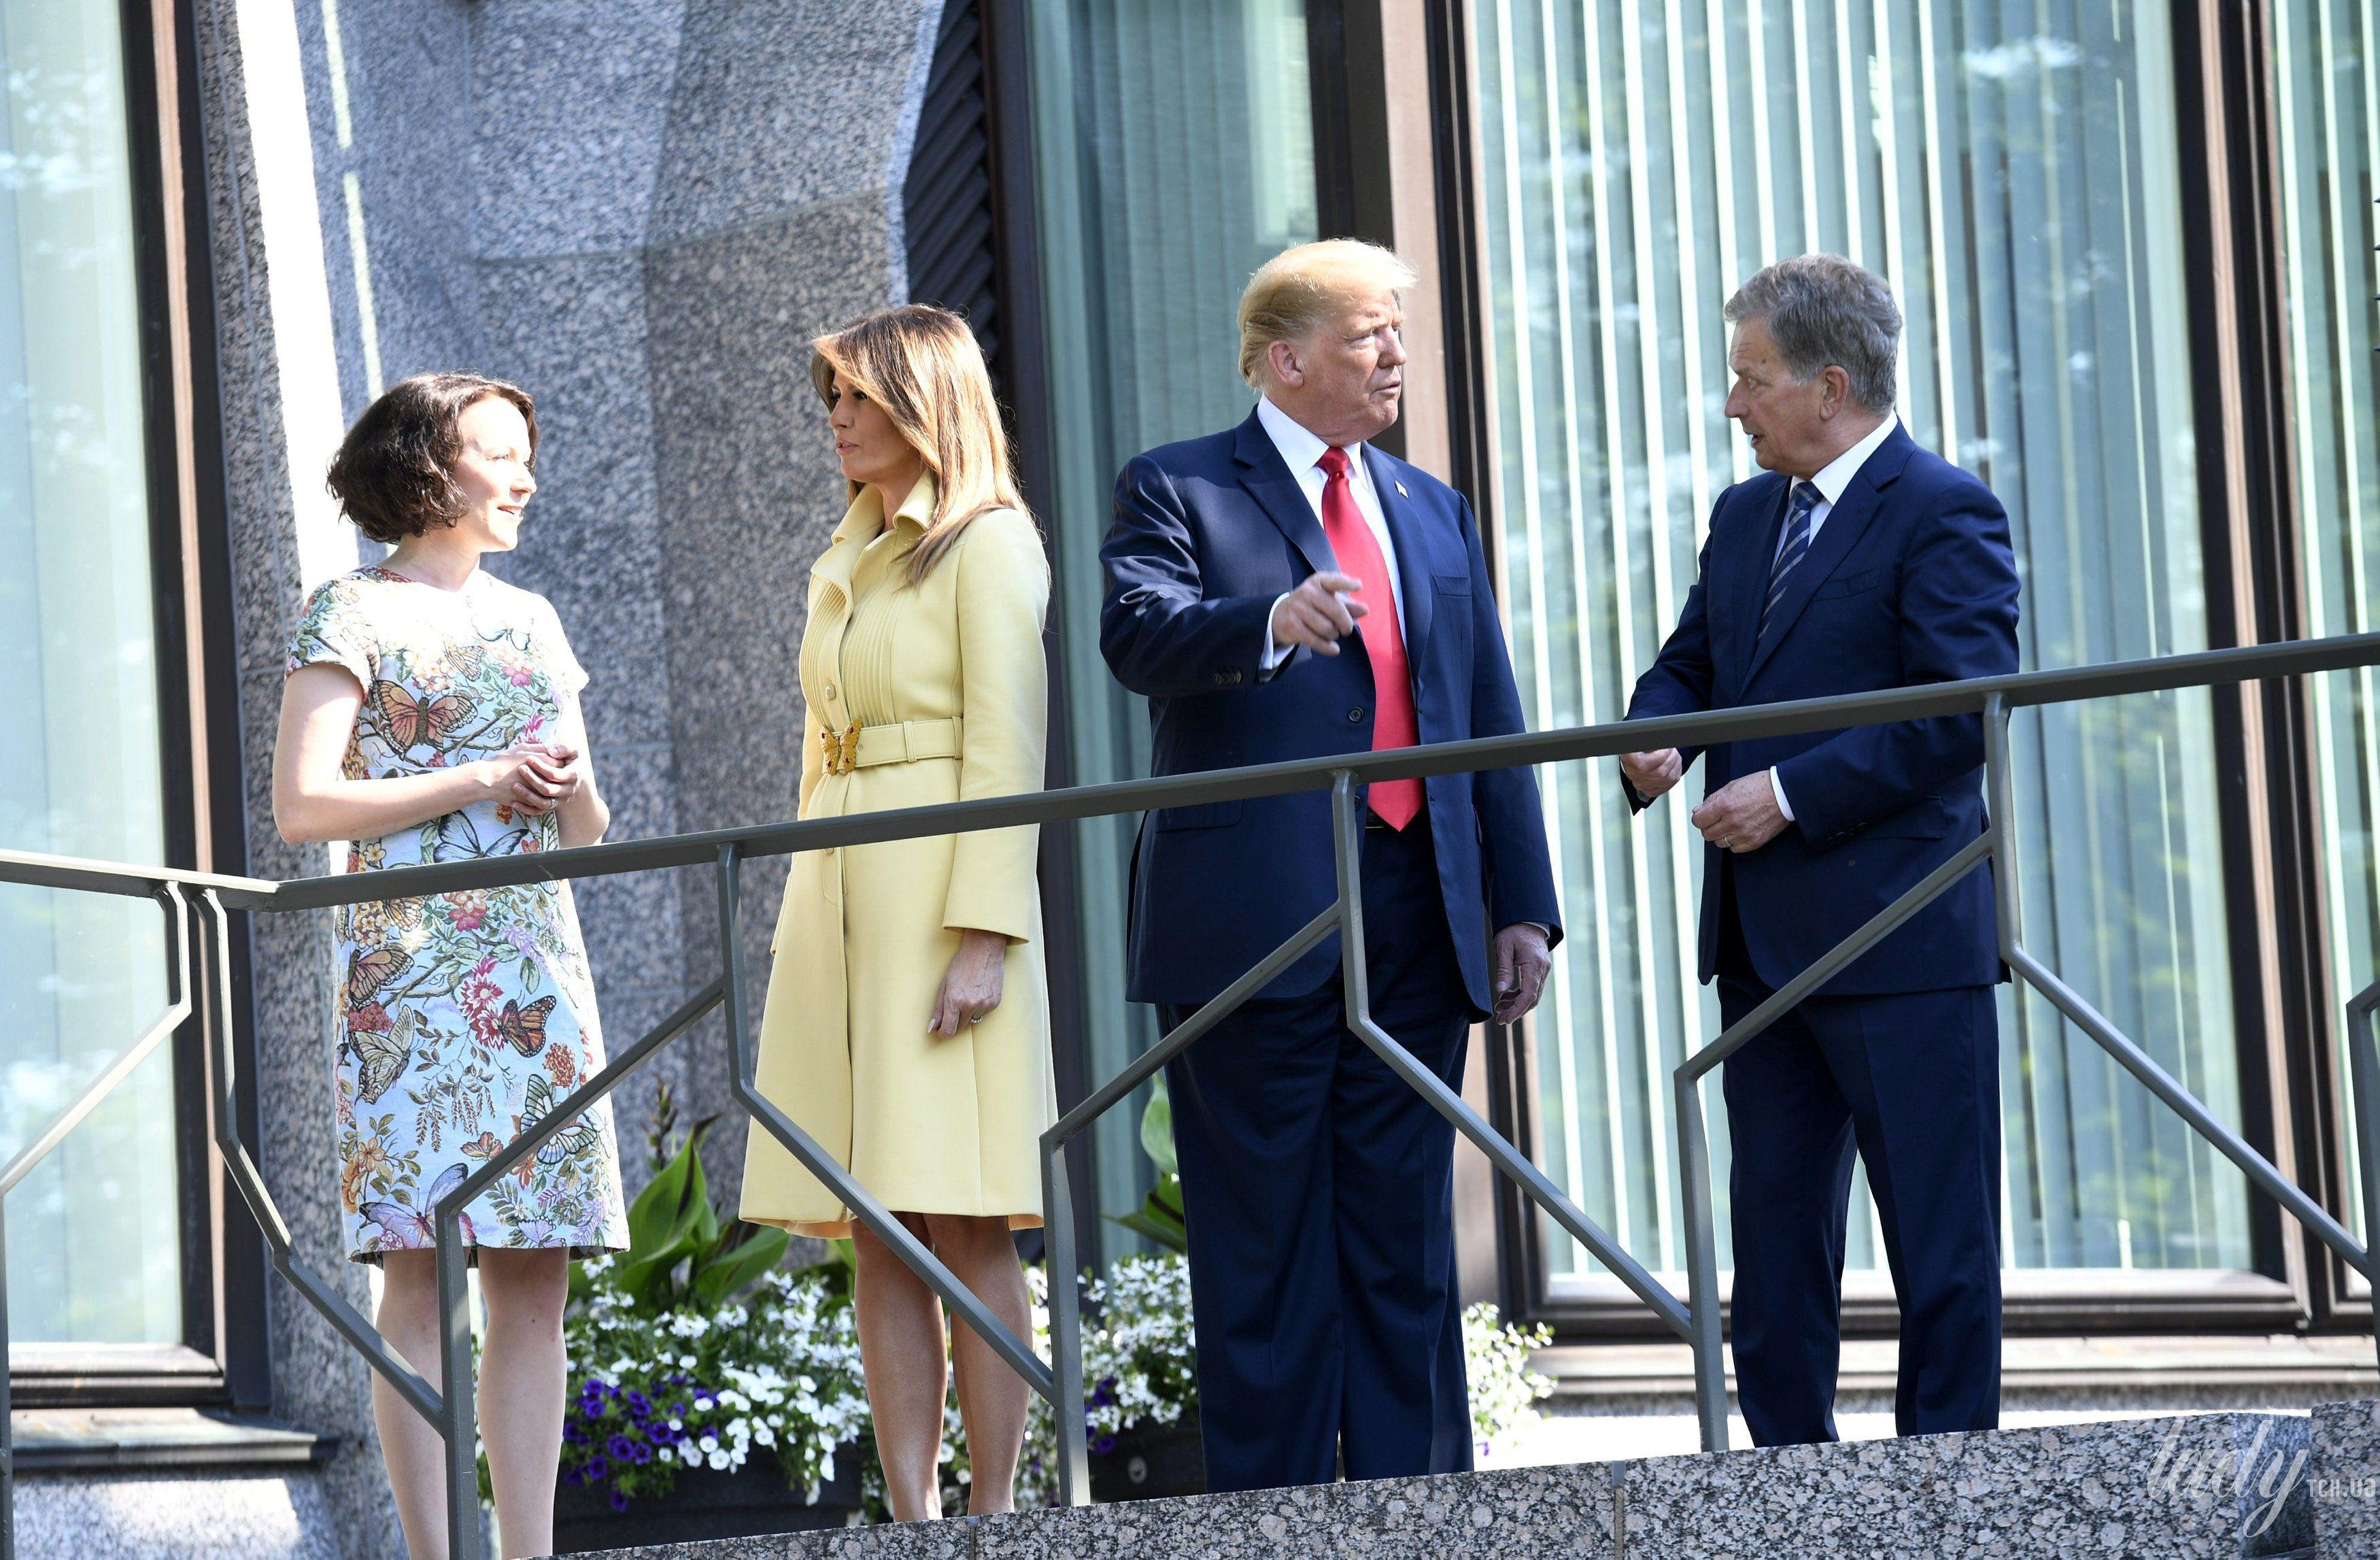 Дональд Трамп, первая леди Мелания Трамп, президент Финляндии Саули Ниинисто, его жена Дженни Хаукио_1